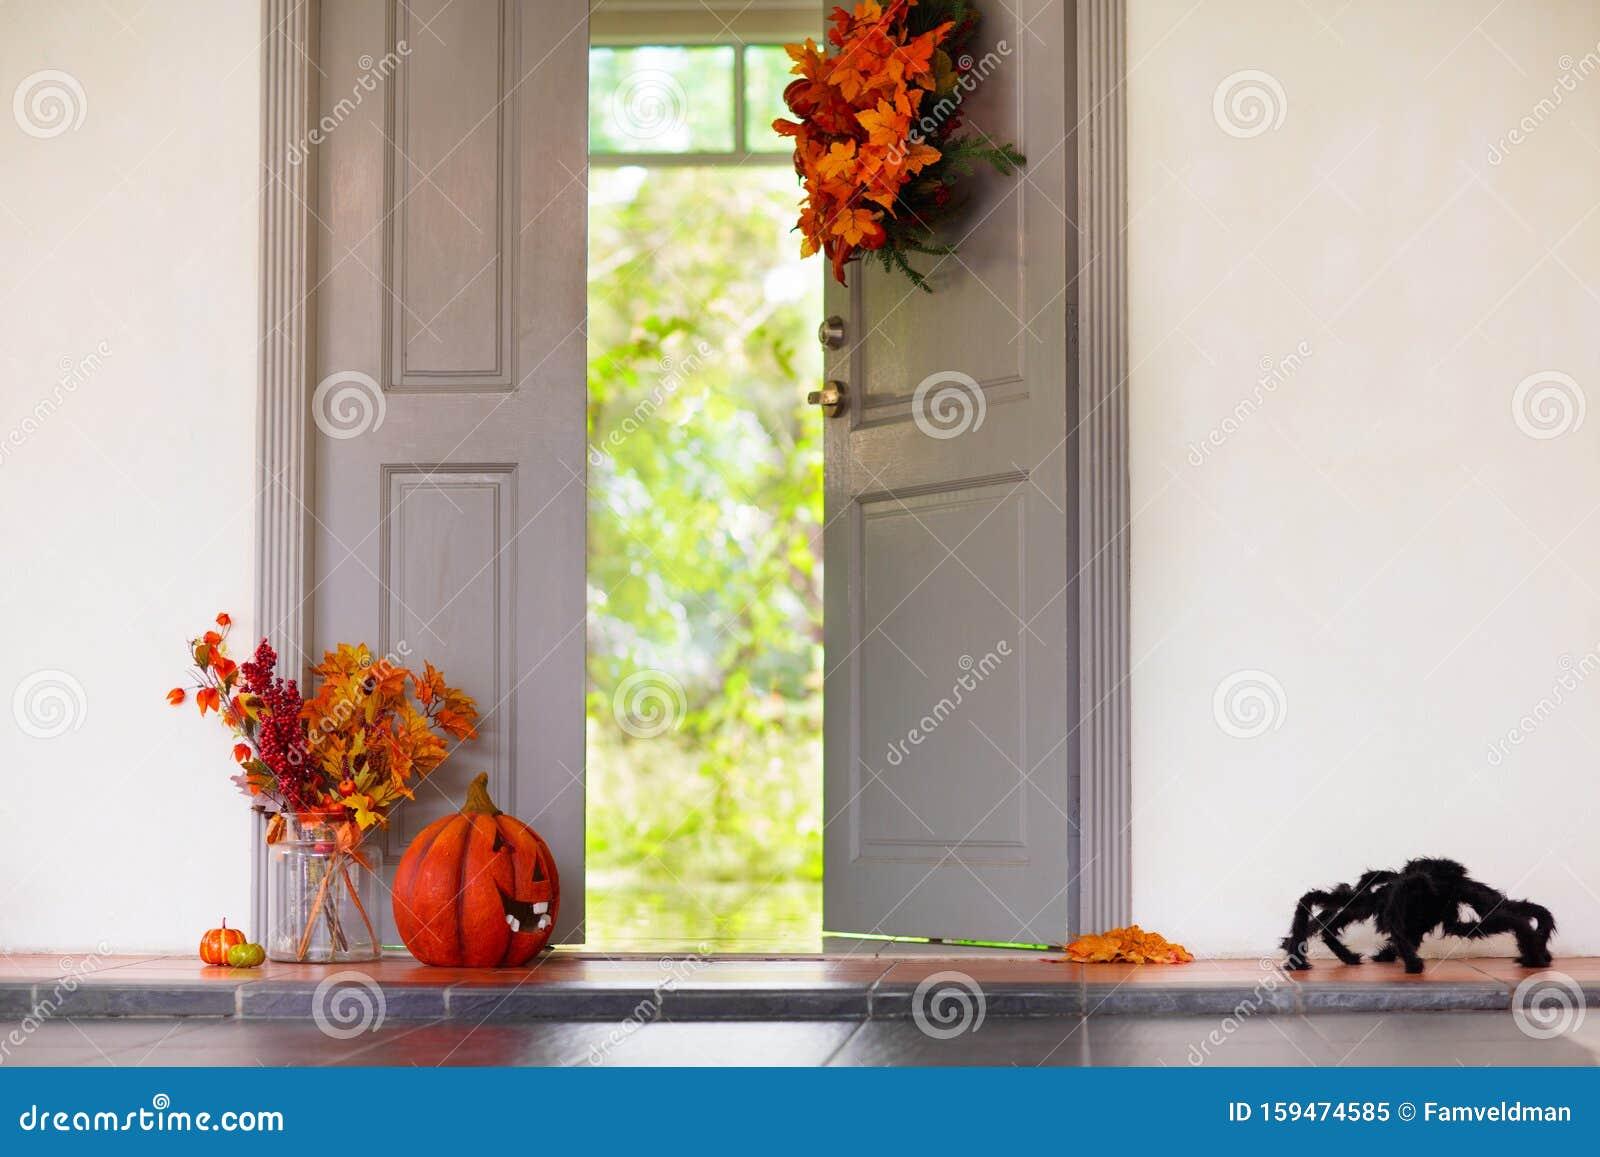 Home Entrance Halloween Decoration Front Door Stock